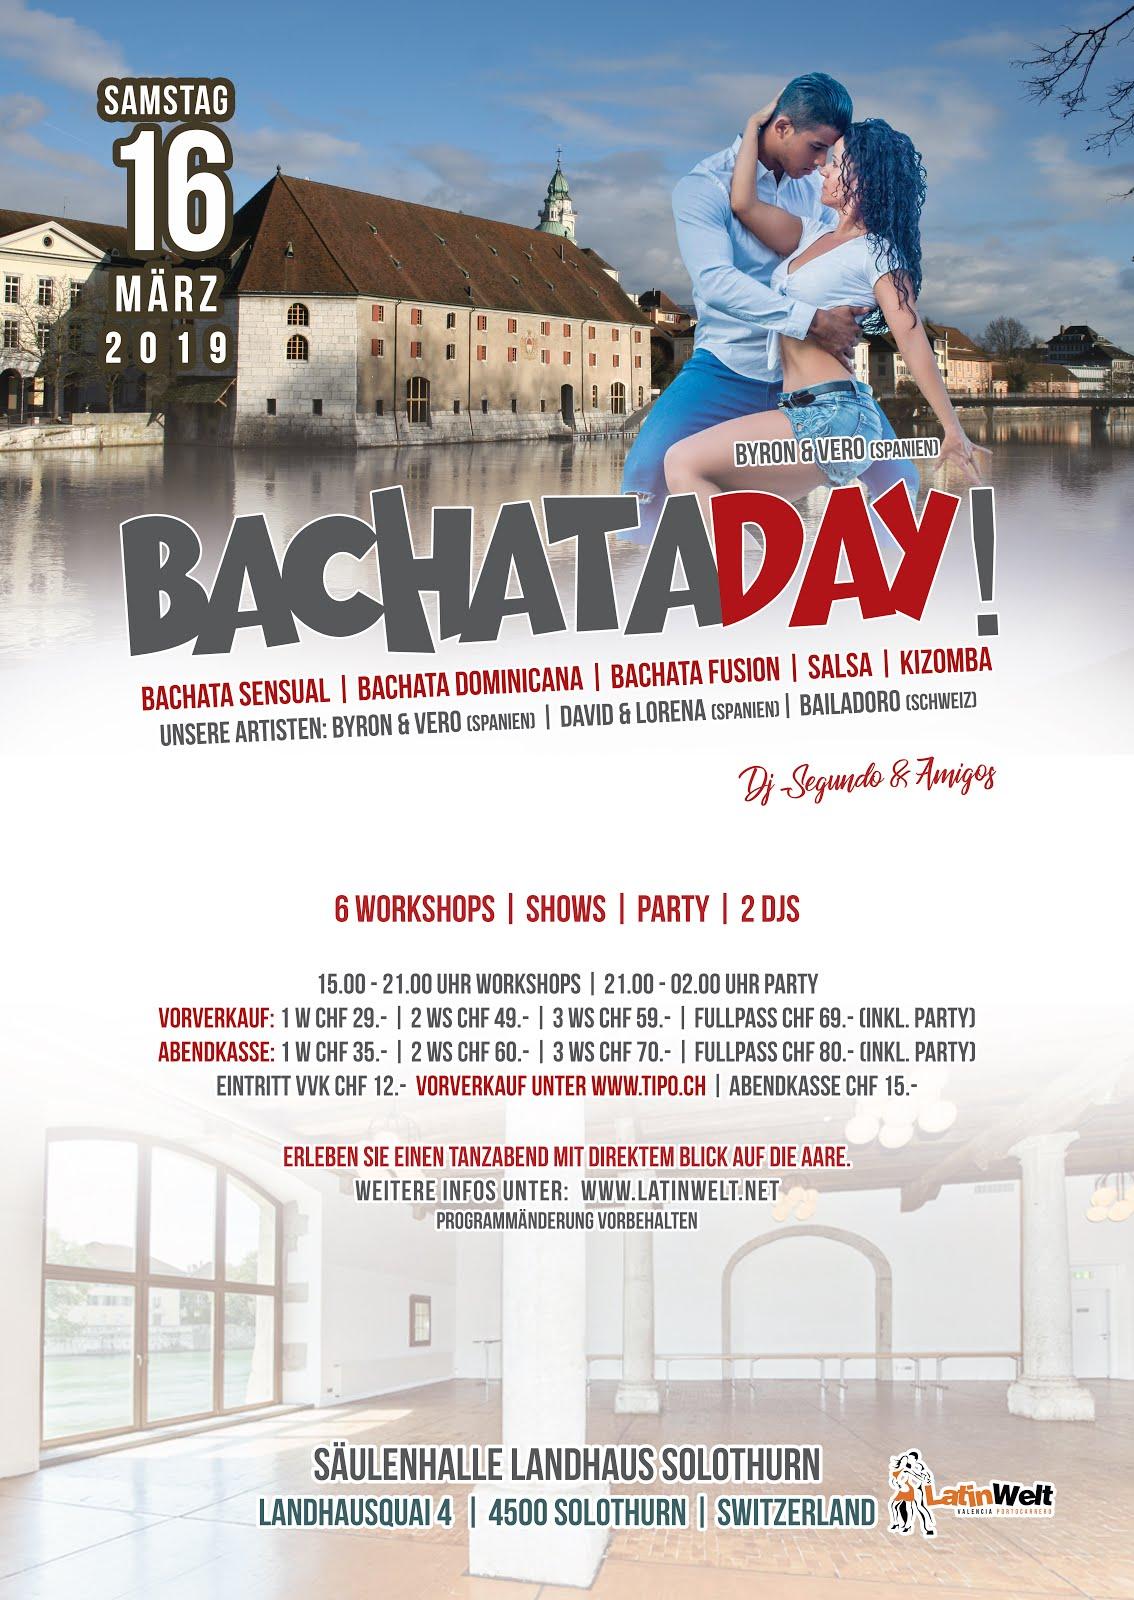 BACHATA DAY | SA. 16.03.2019